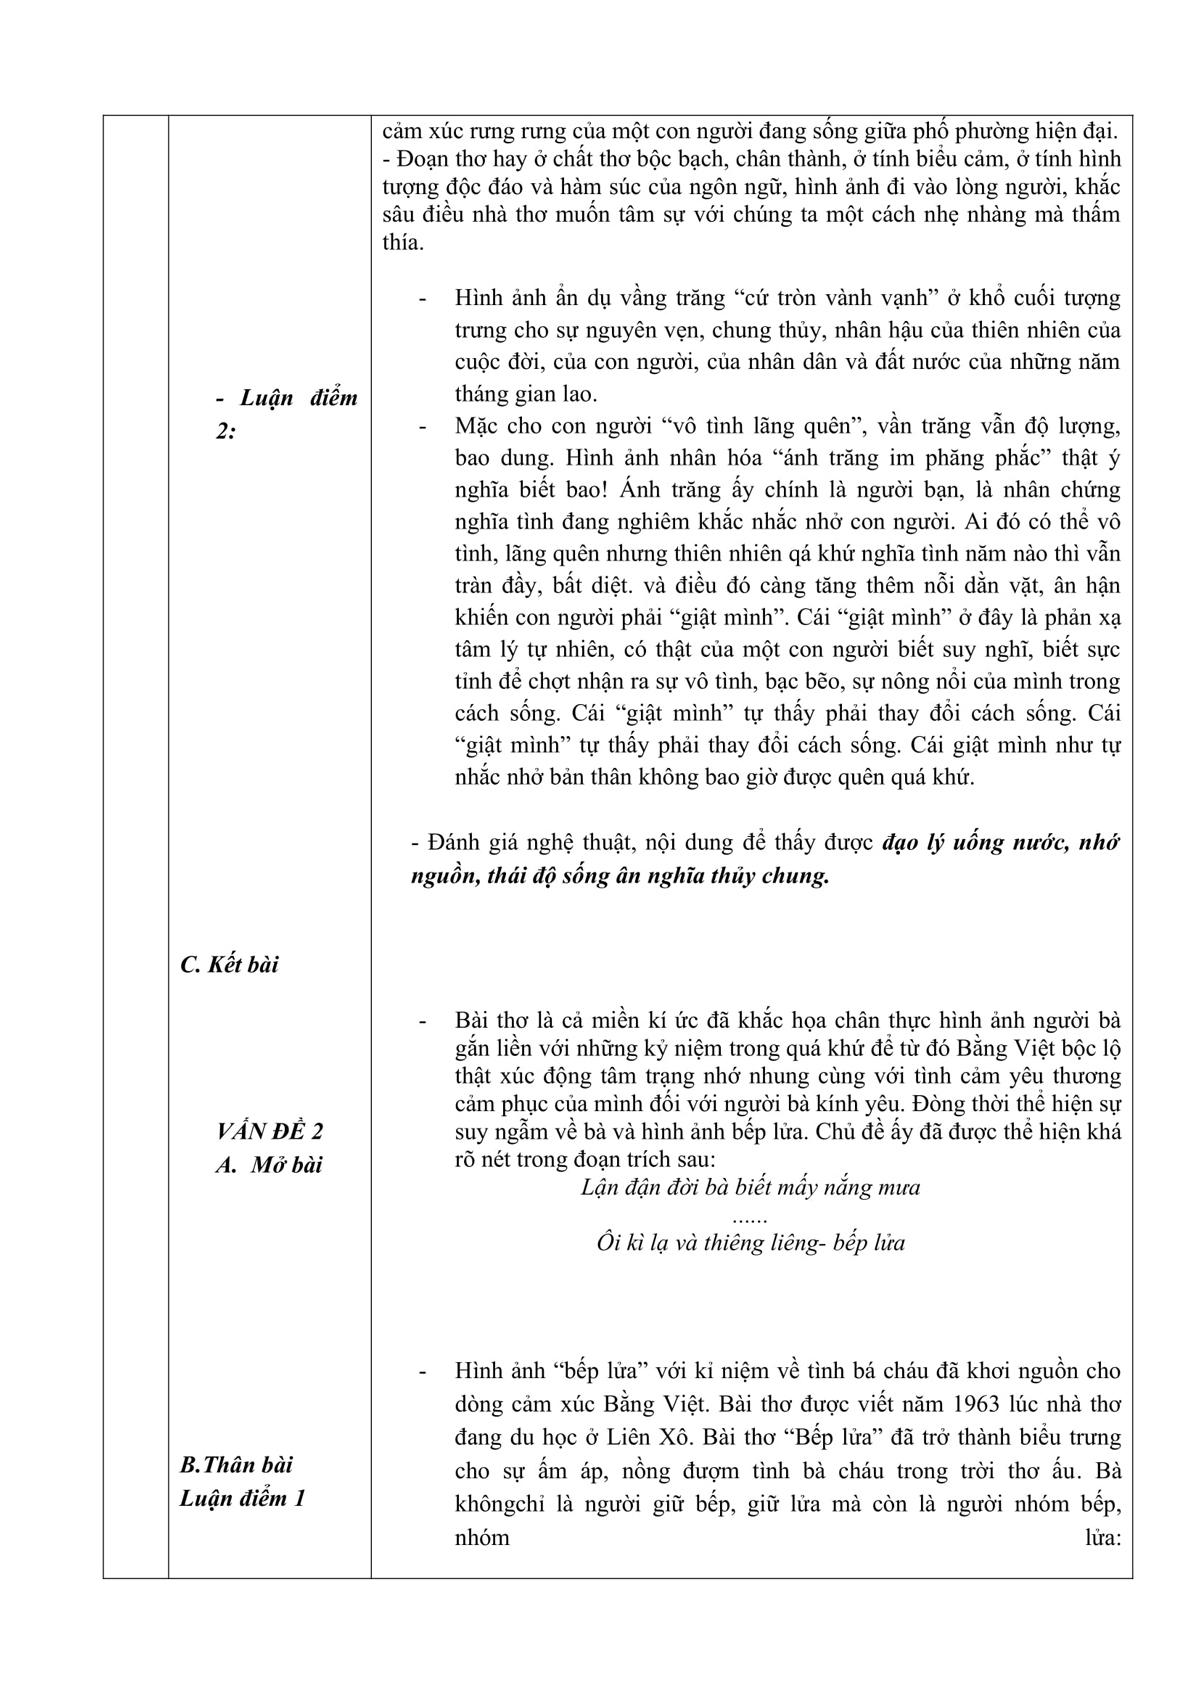 Gợi ý làm đề Văn lớp 10 TP HCM - 5